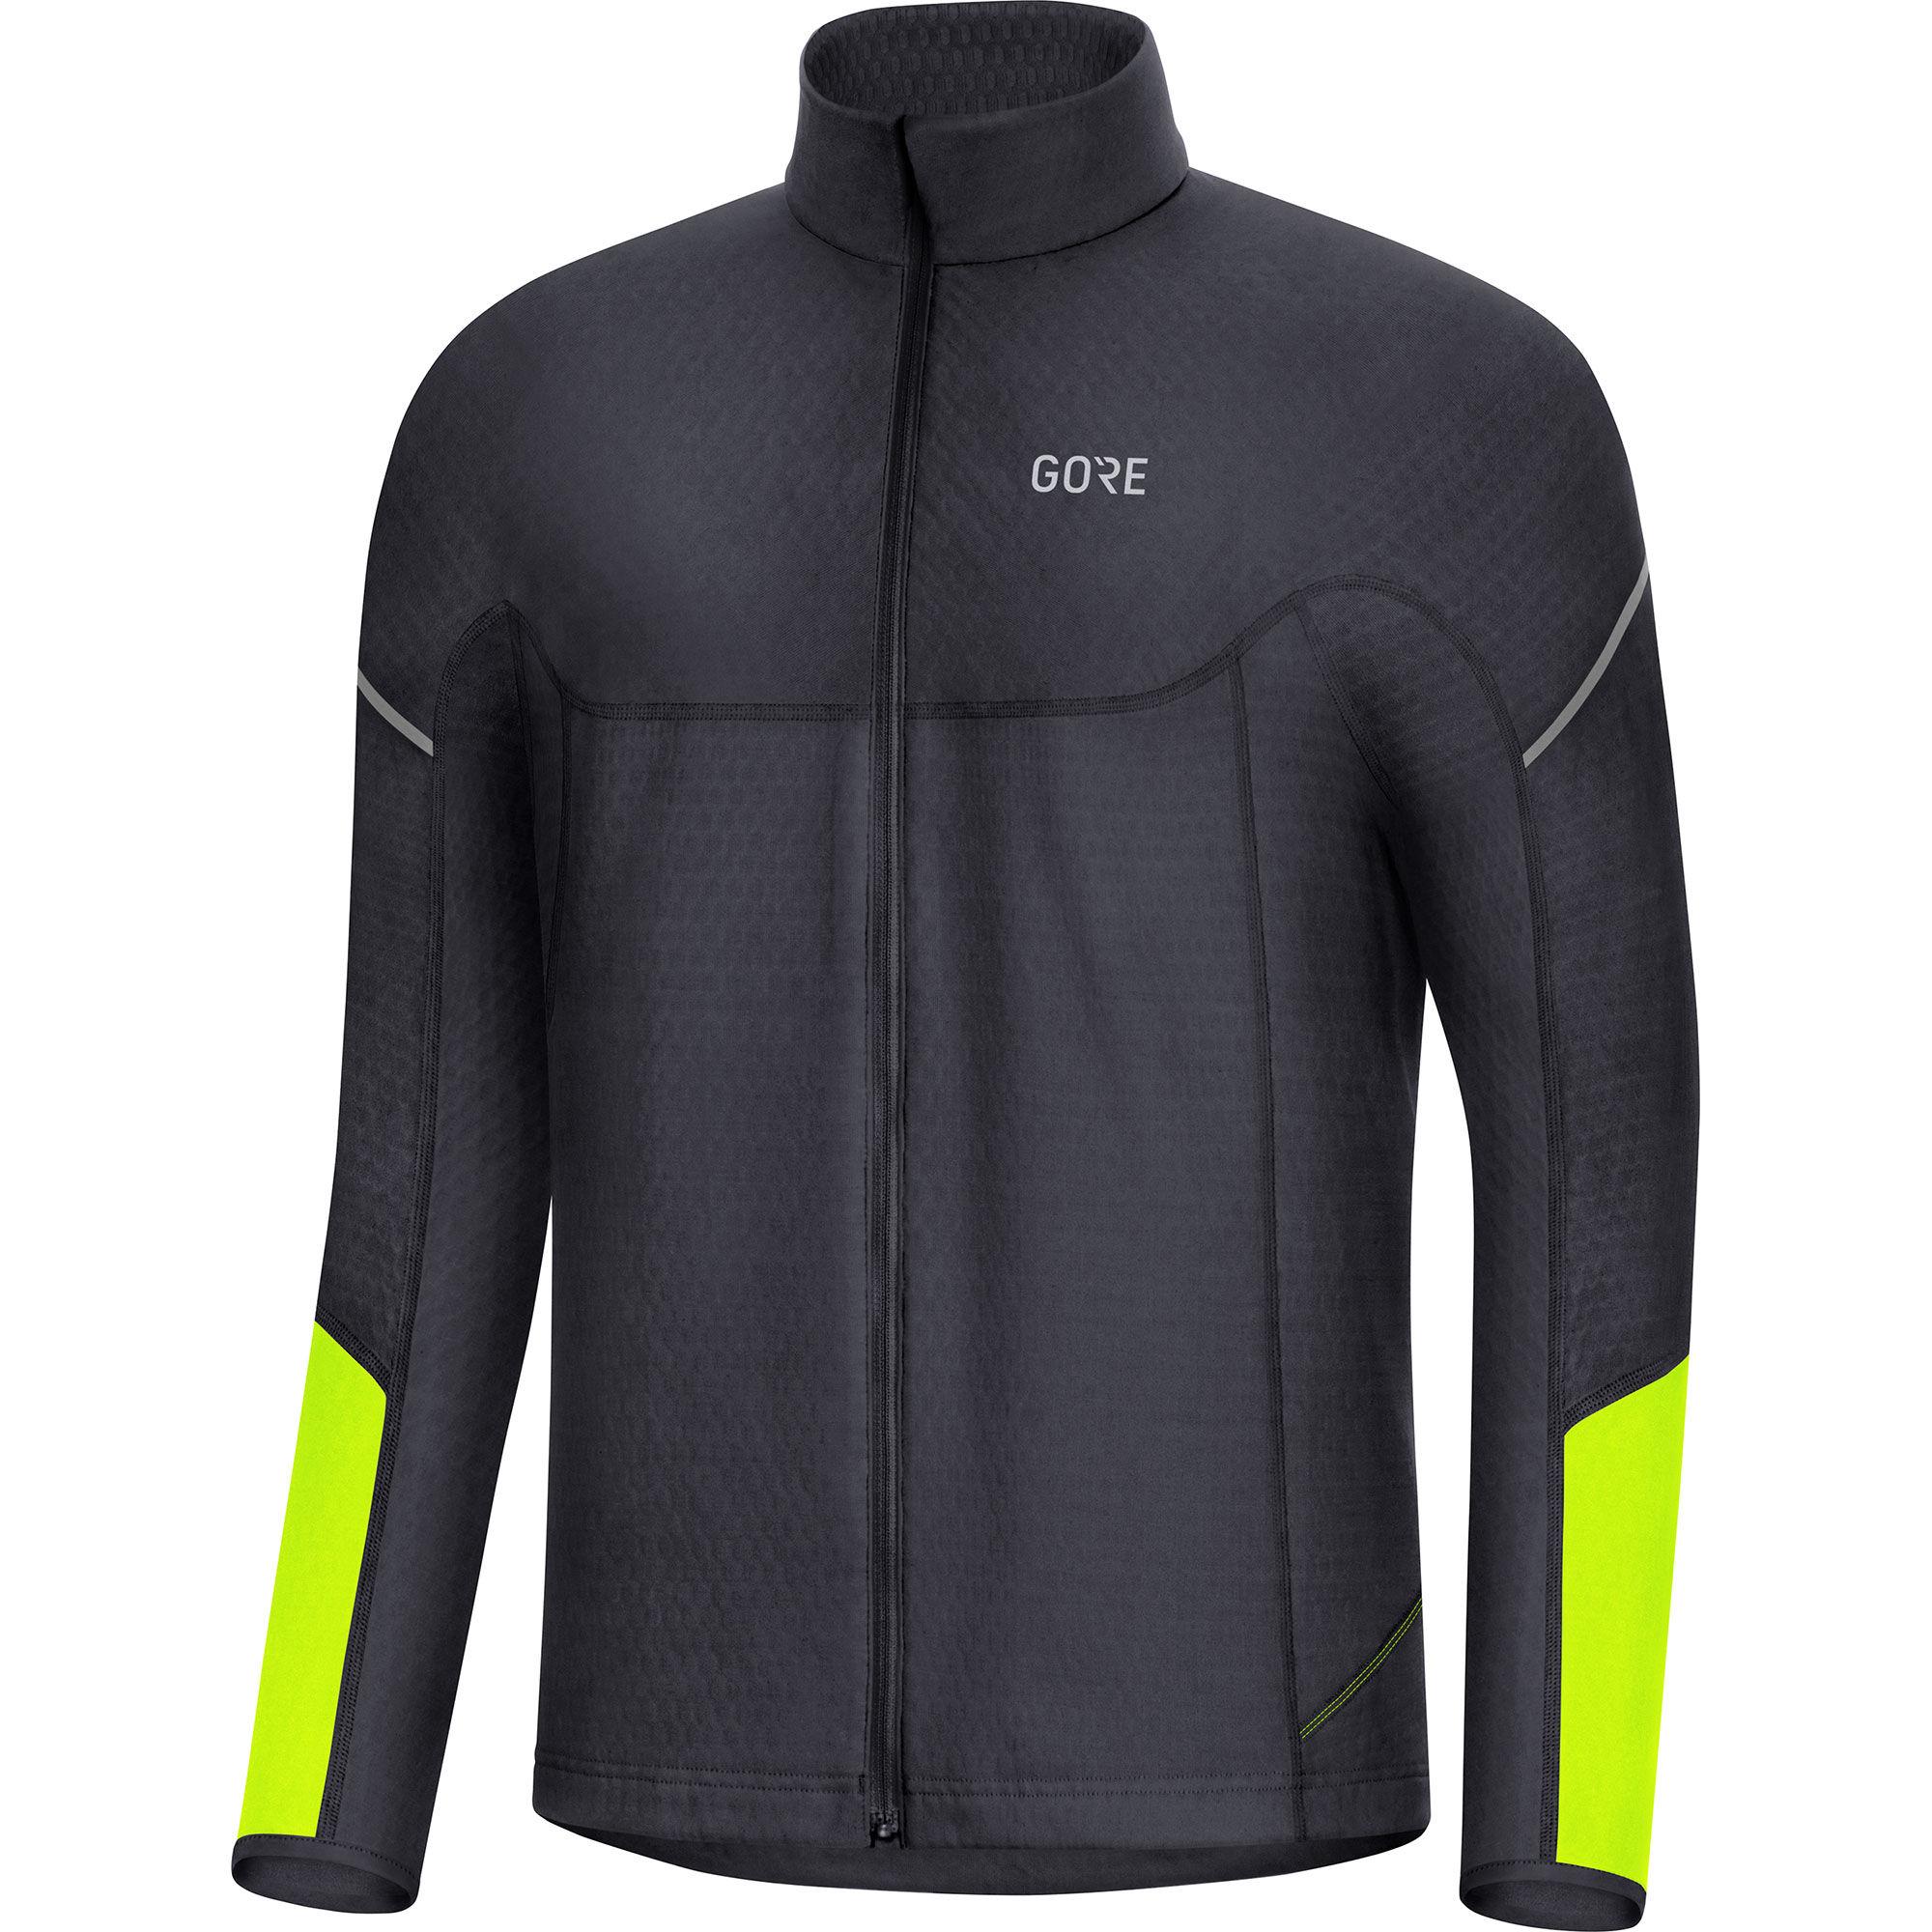 Gore Thermo LS Zip Shirt (Black Neon)